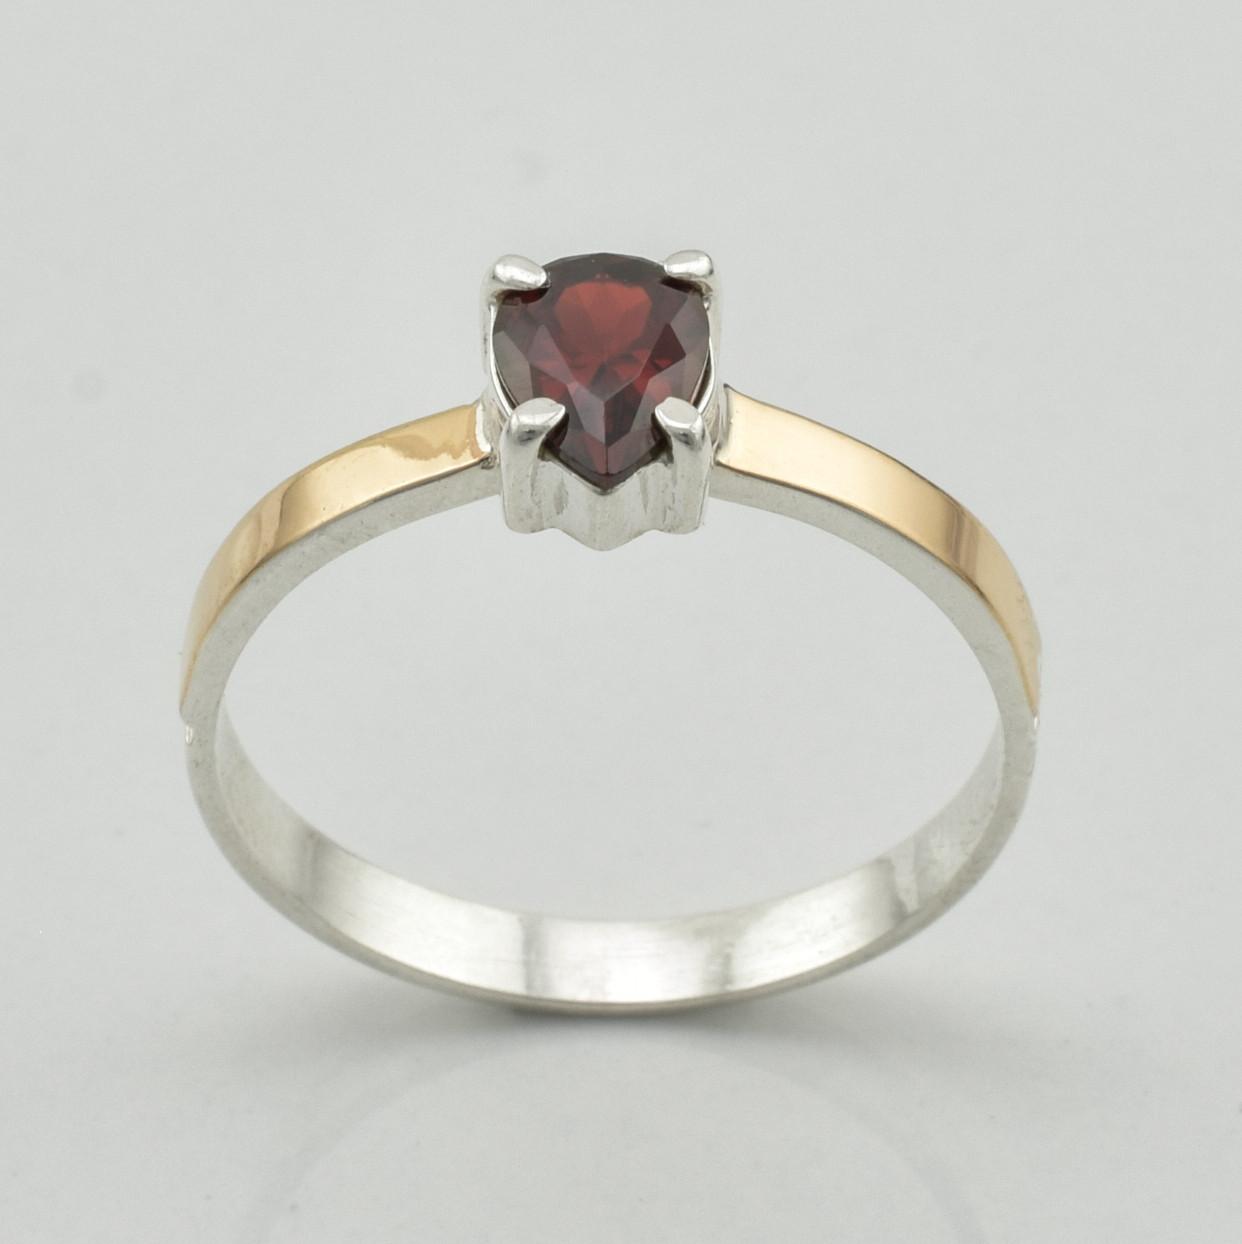 Серебряное кольцо 1277 пк, вставка красный фианит, вес 2.12 г, размер 20